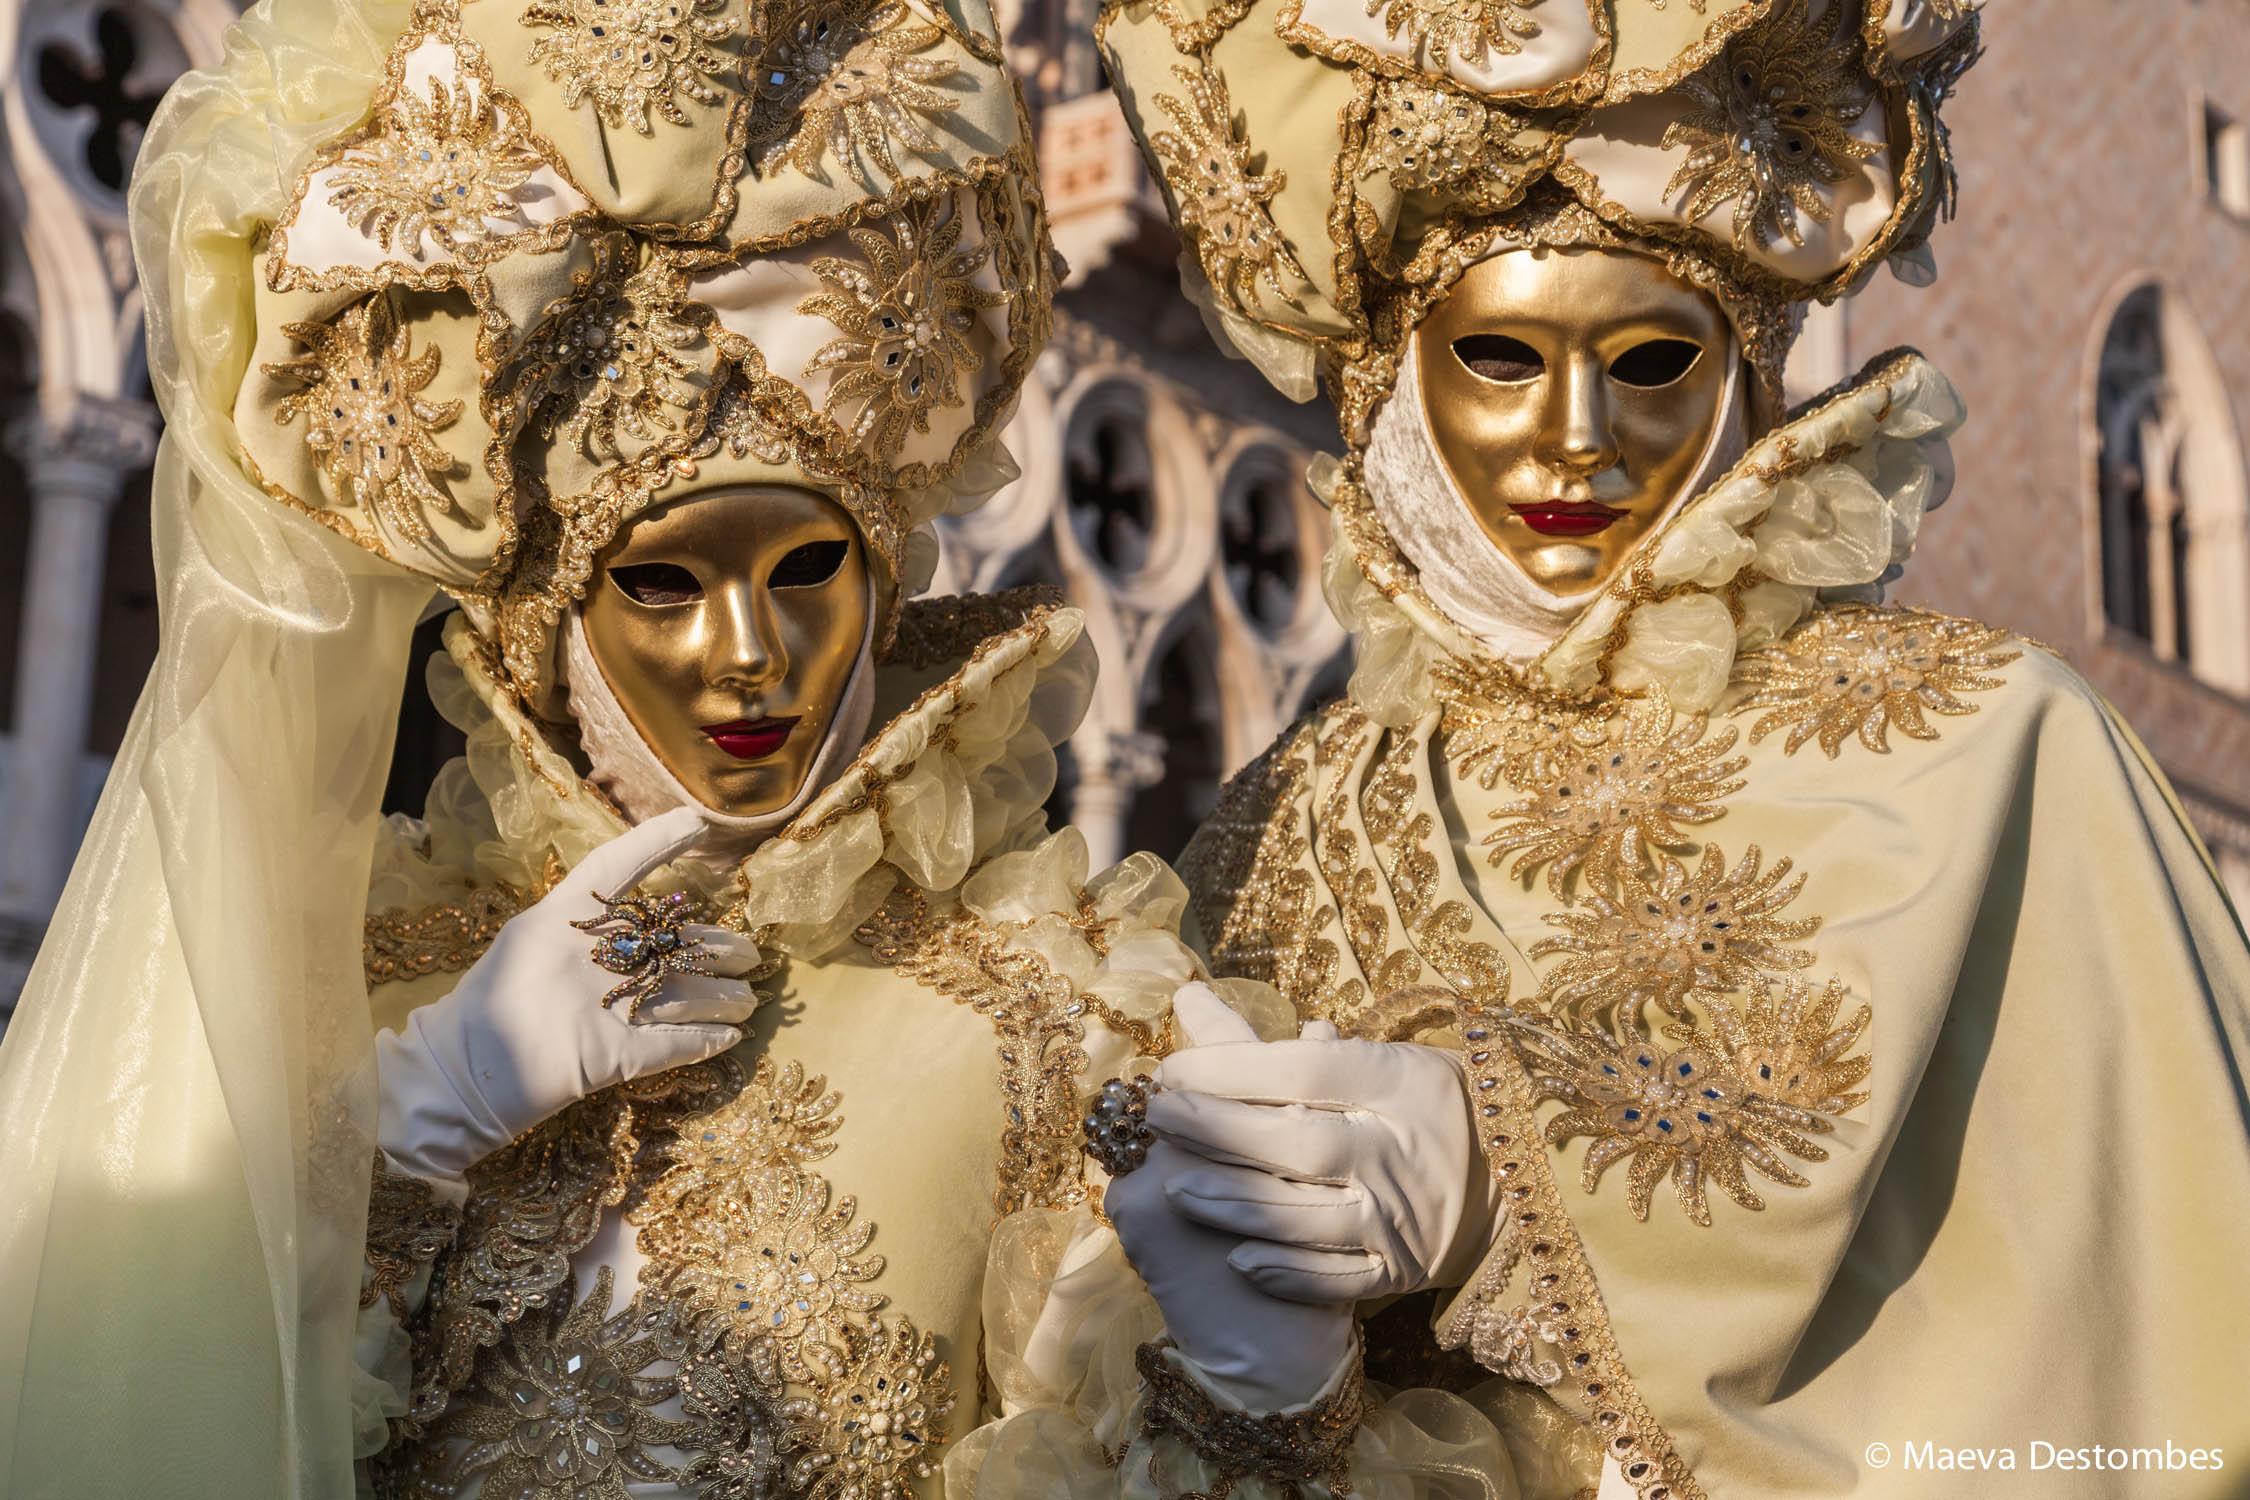 Deux personnes déguisées lors du carnaval de Venise